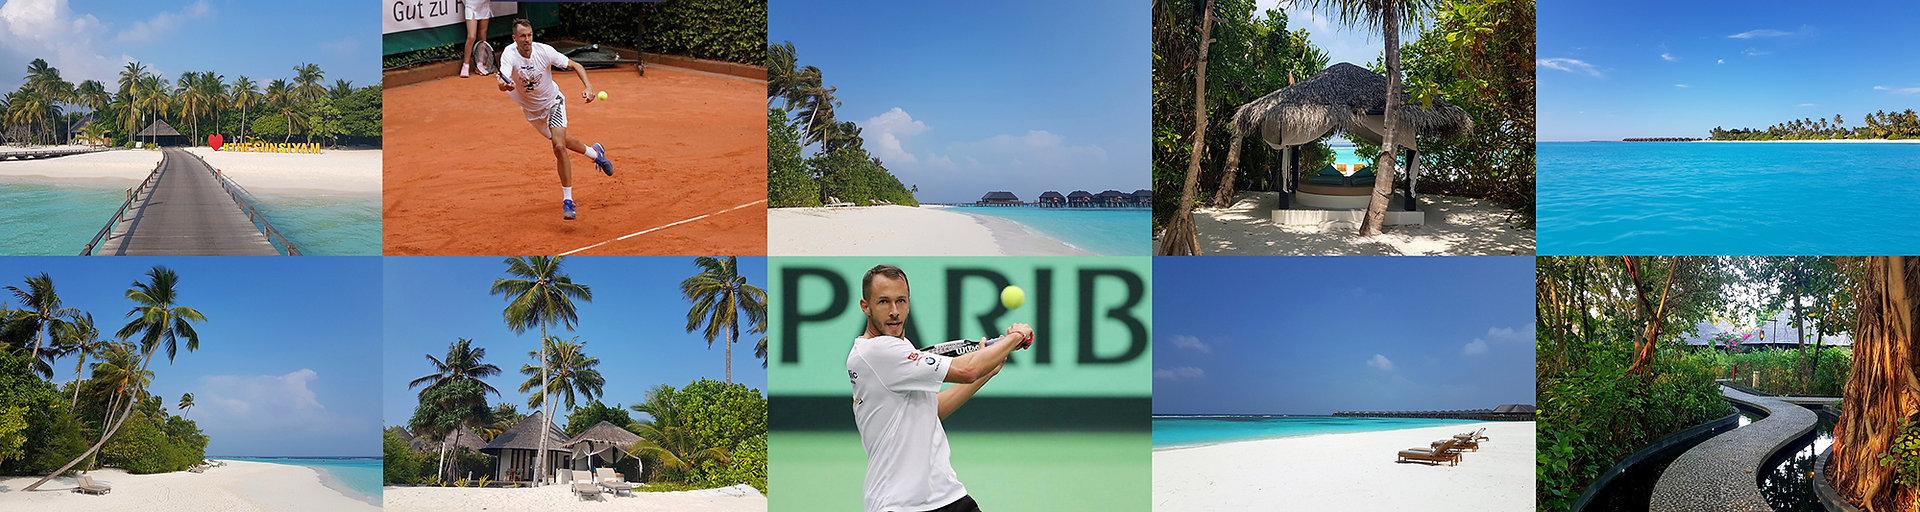 Tenis a teniové kurty na Maldivách